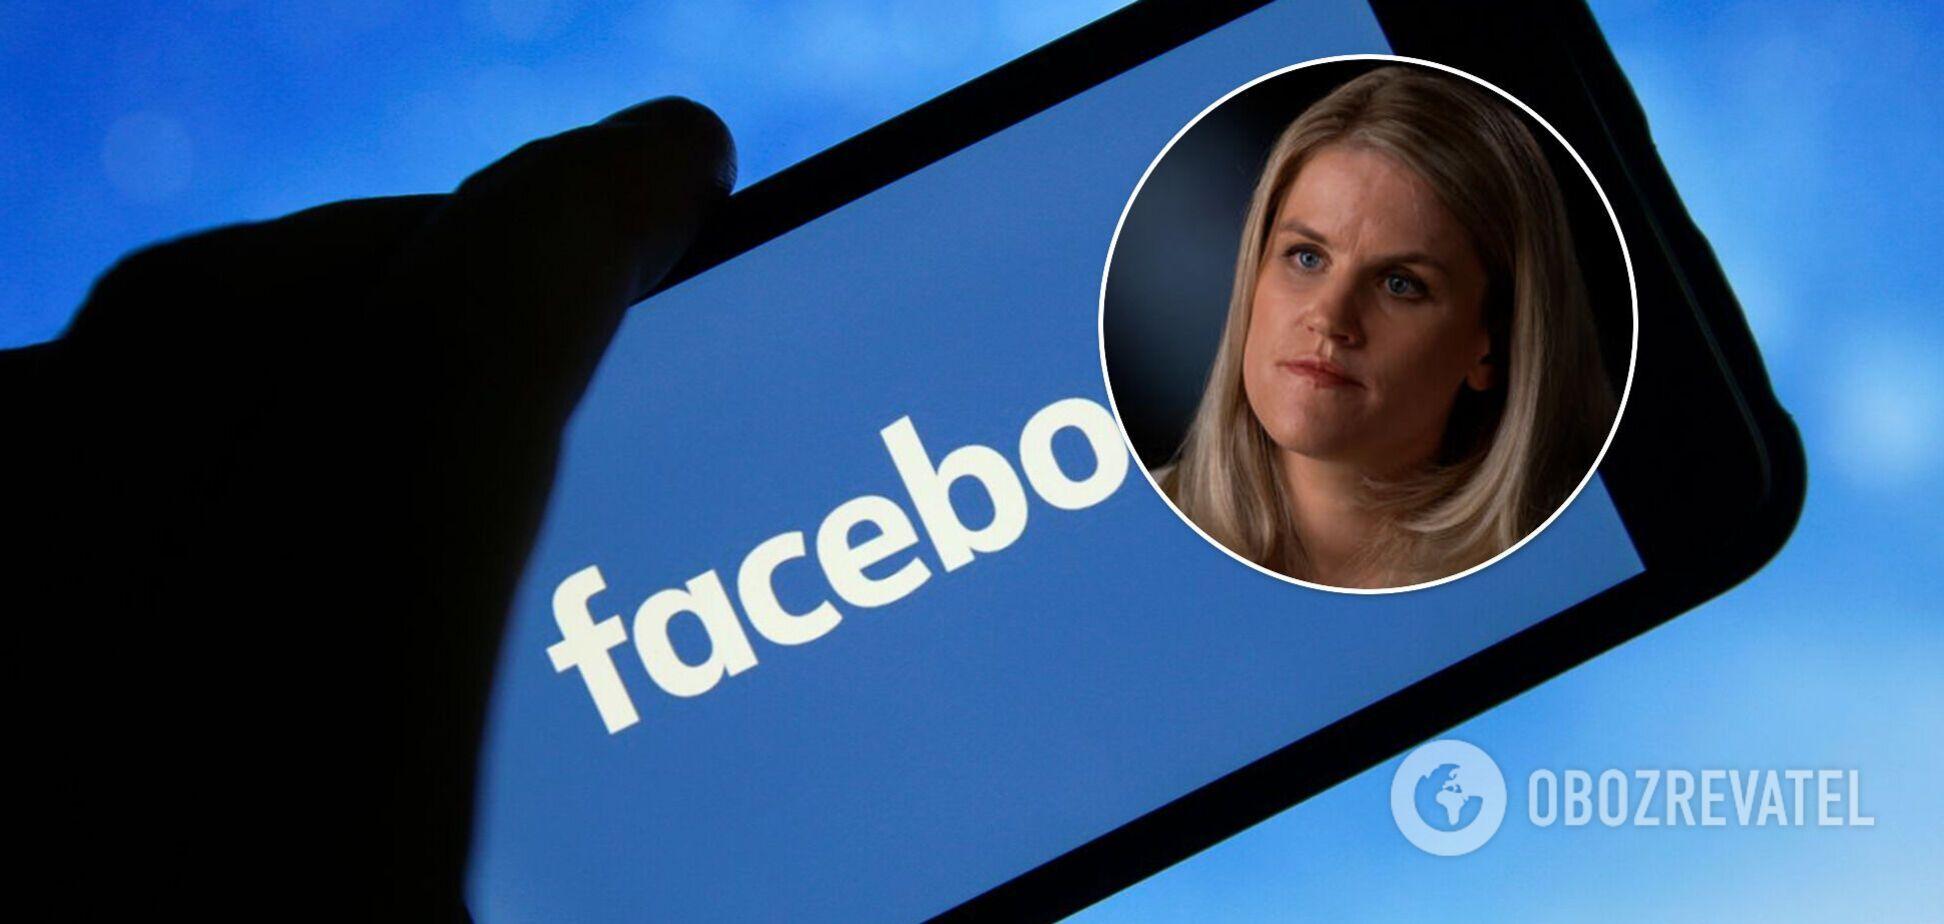 Сбой Facebook произошел после разоблачений экс-сотрудницы компании: о чем рассказала Фрэнсис Хауген